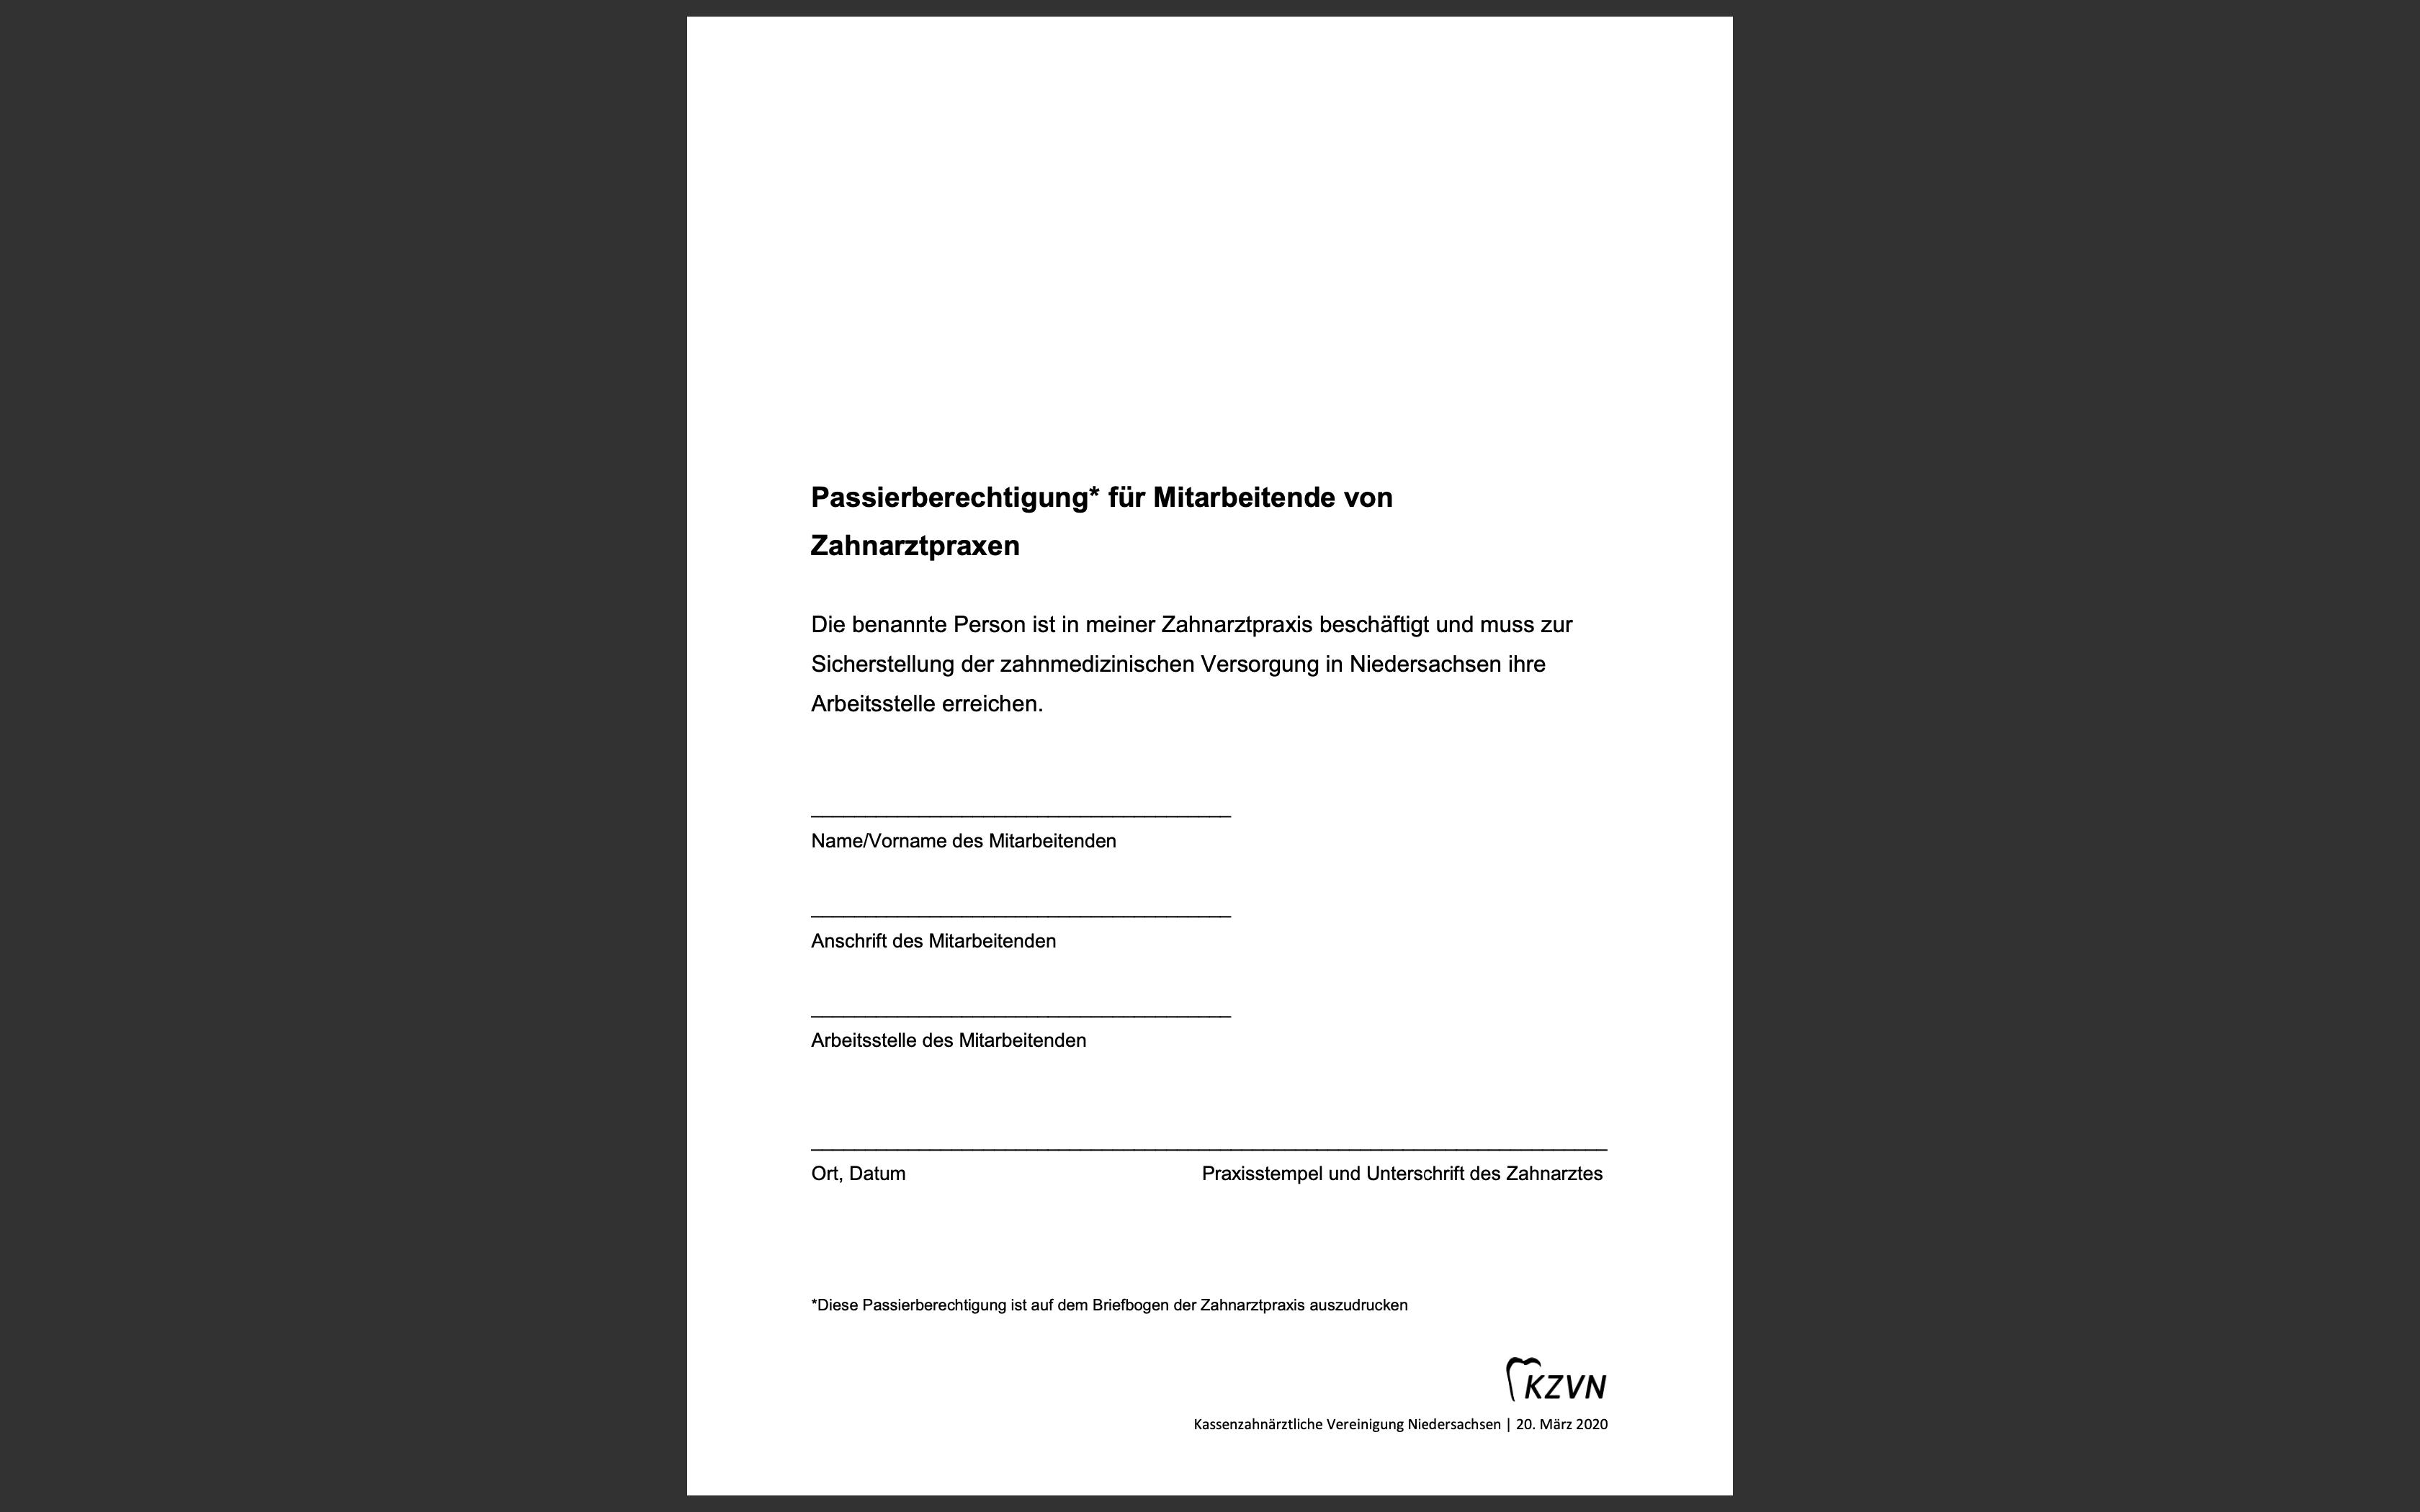 Kassenarztliche Vereinigung Sachsen Versendet